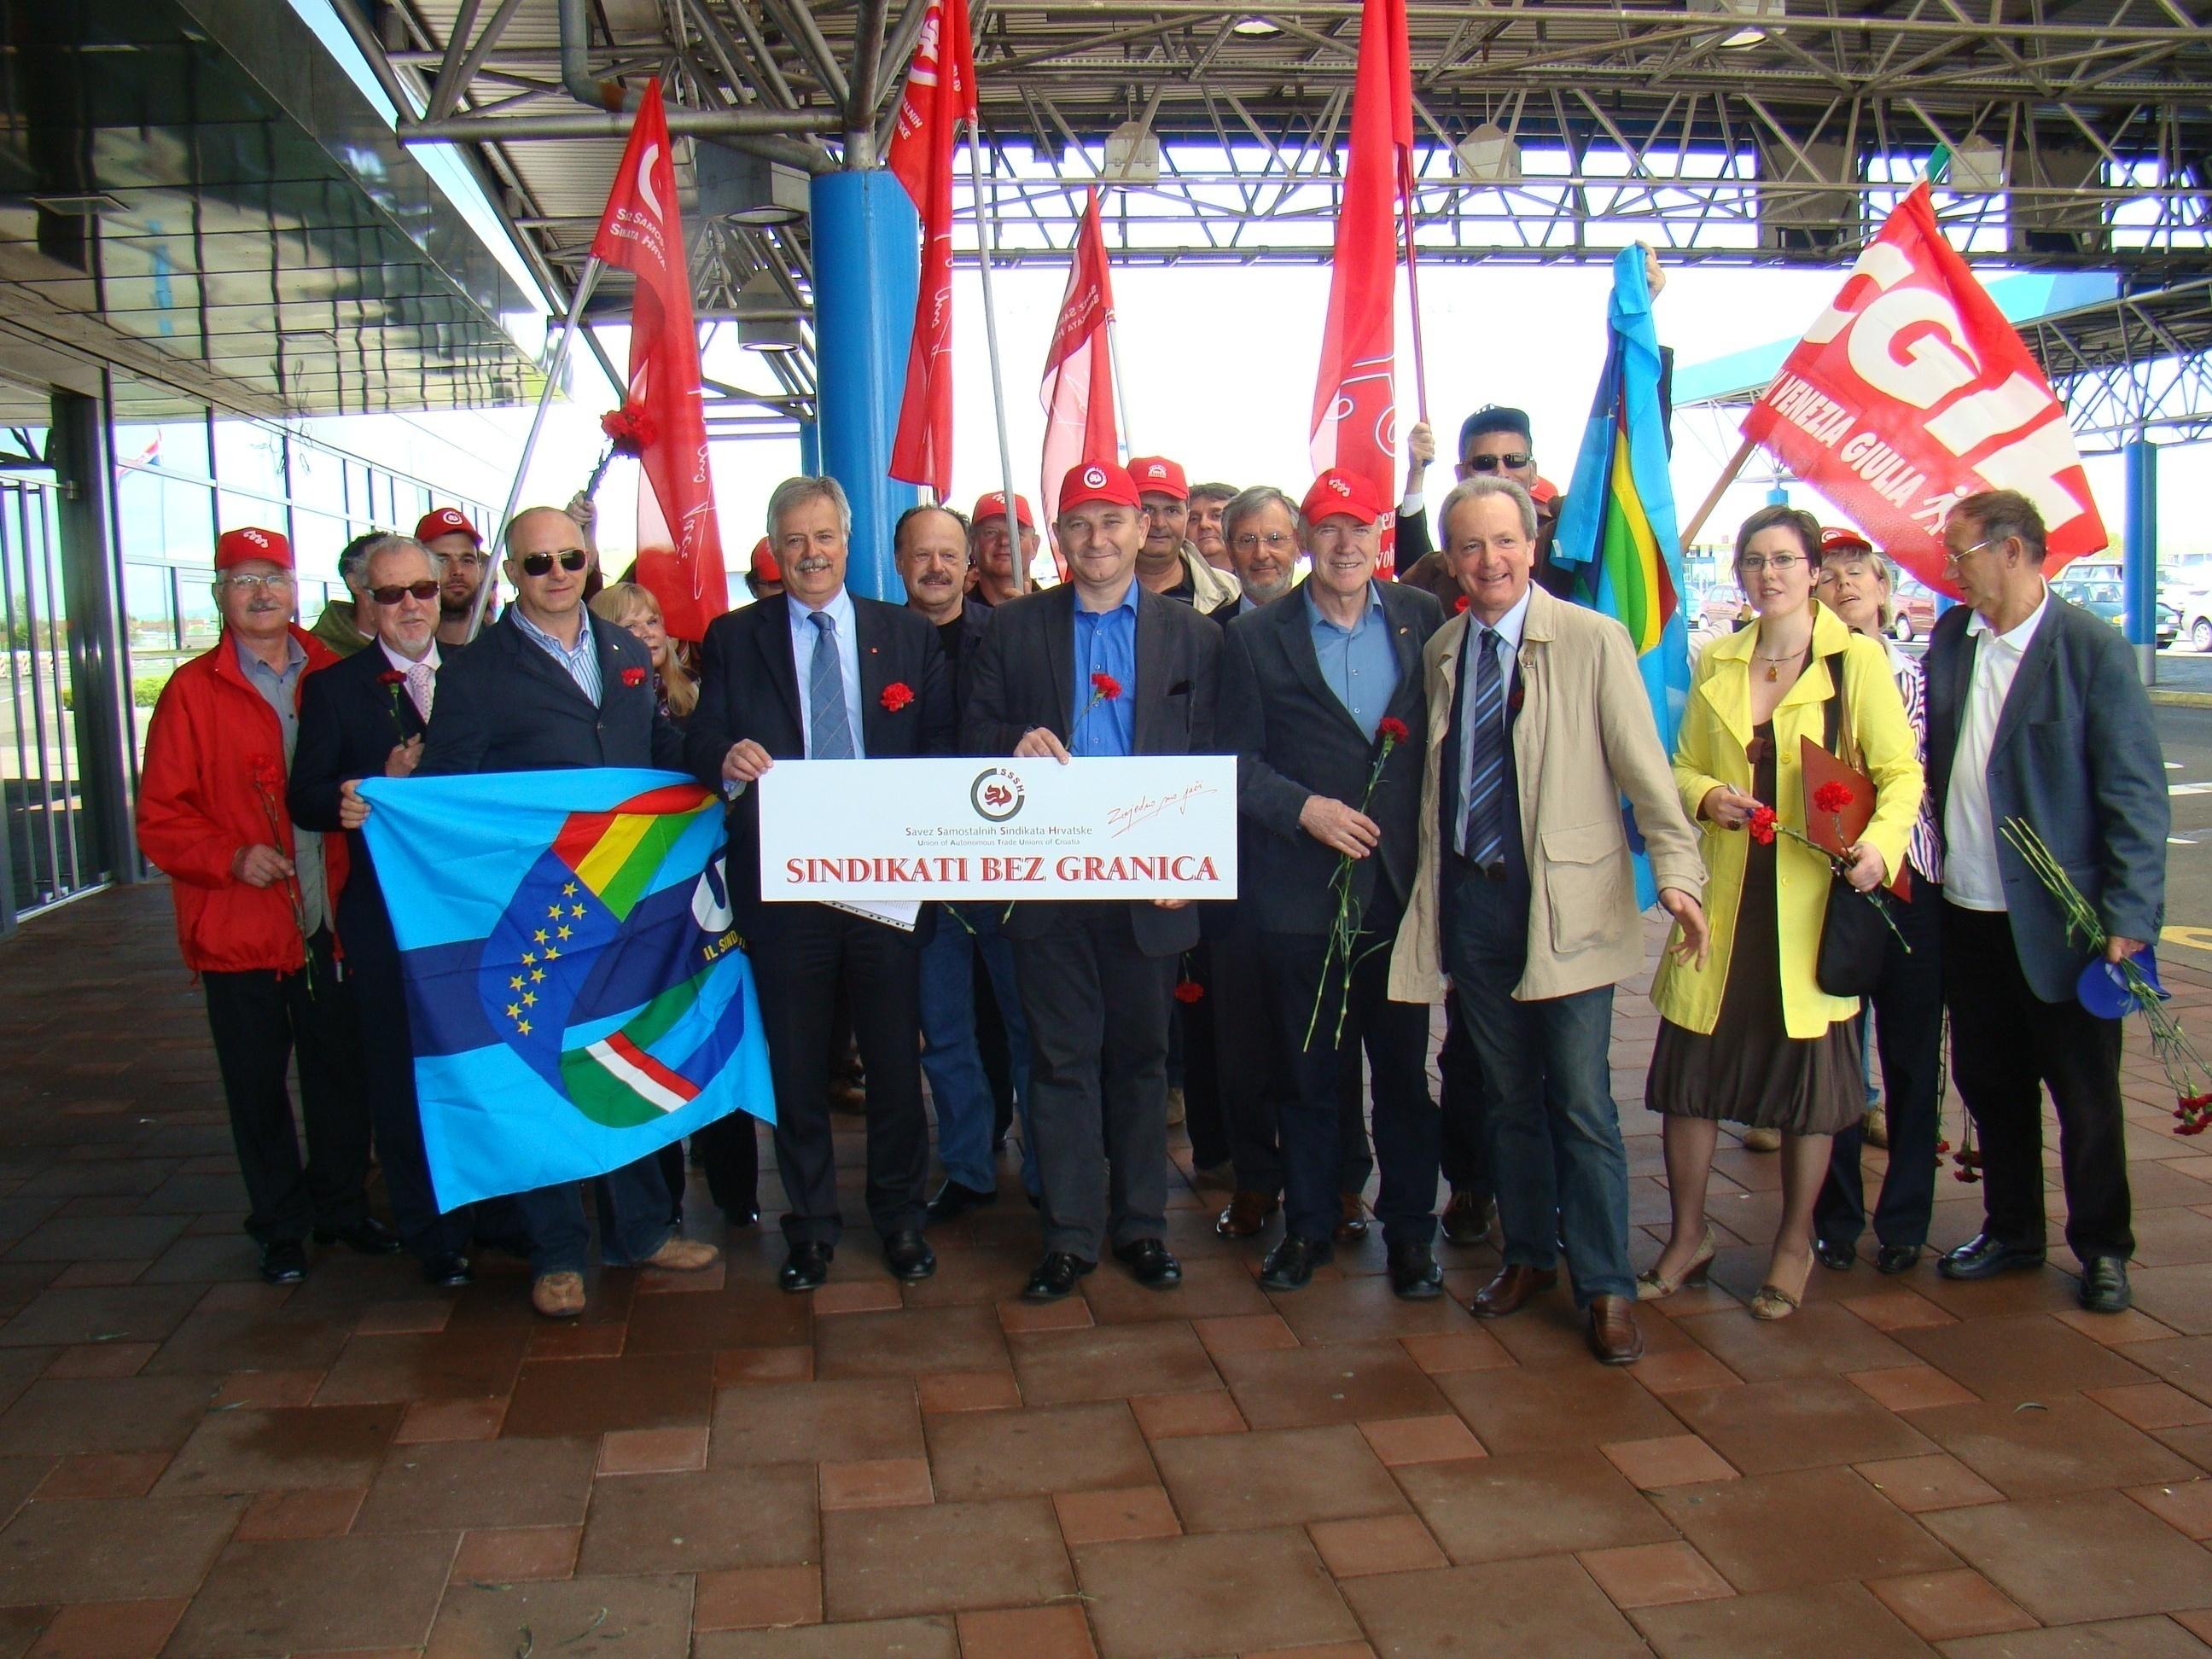 SINDACATI SENZA FRONTIERE – Sesto incontro internazionale – Valico di Bregana 26 aprile 2012